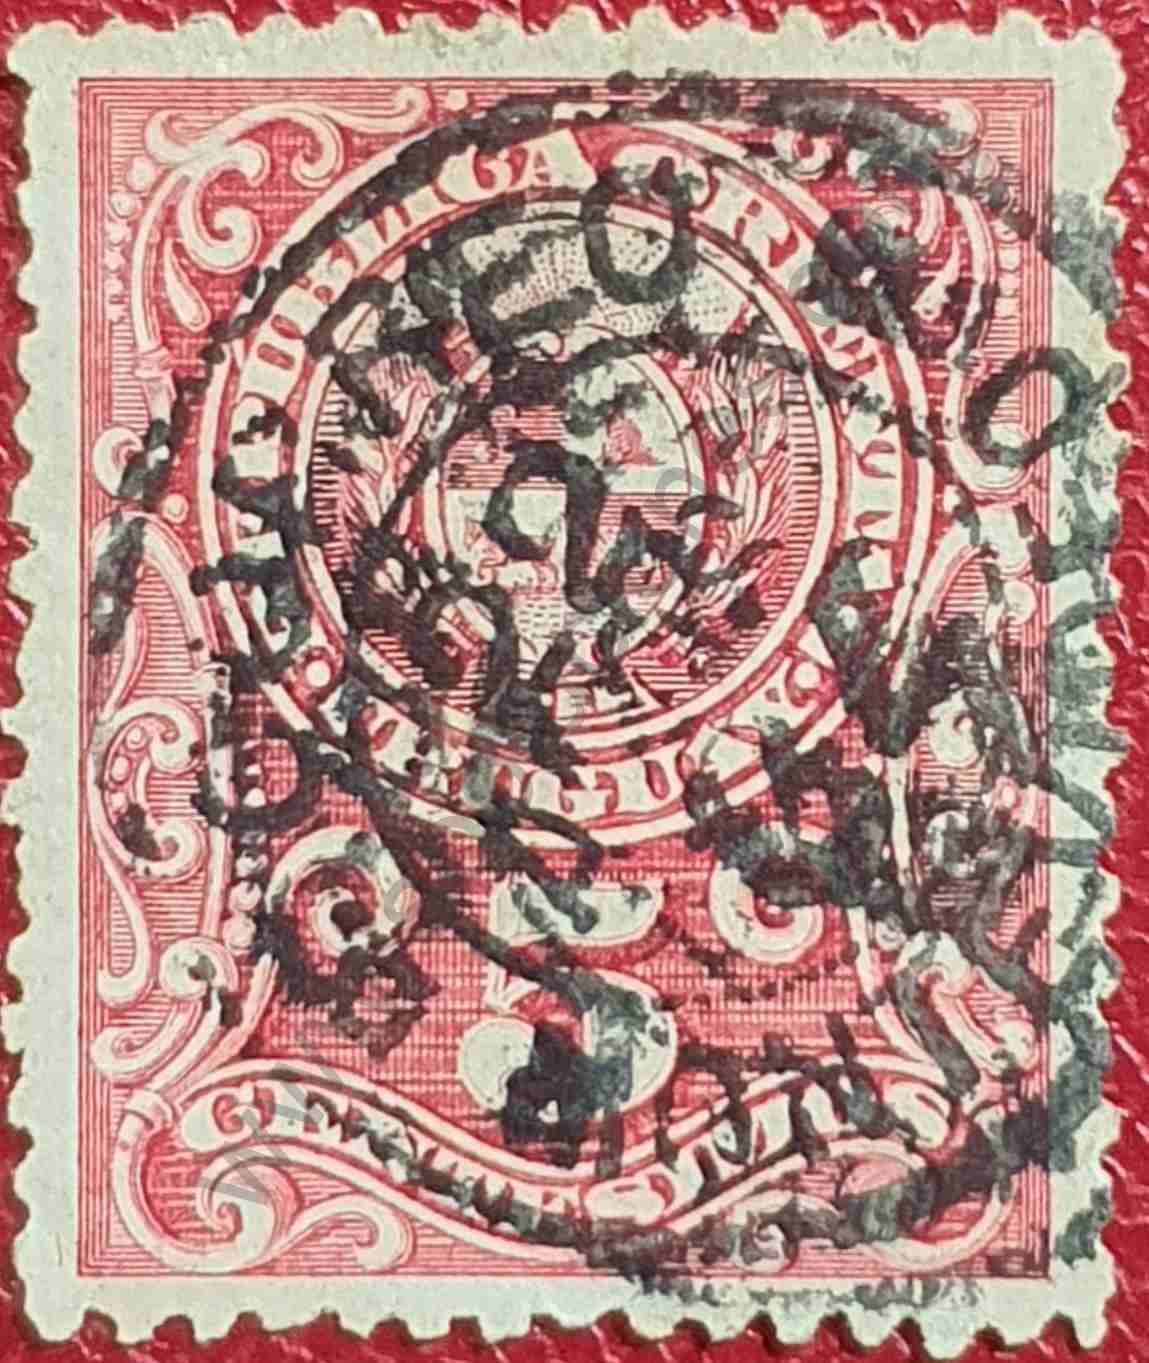 Sello Uruguay 1894 - Escudo y número 5